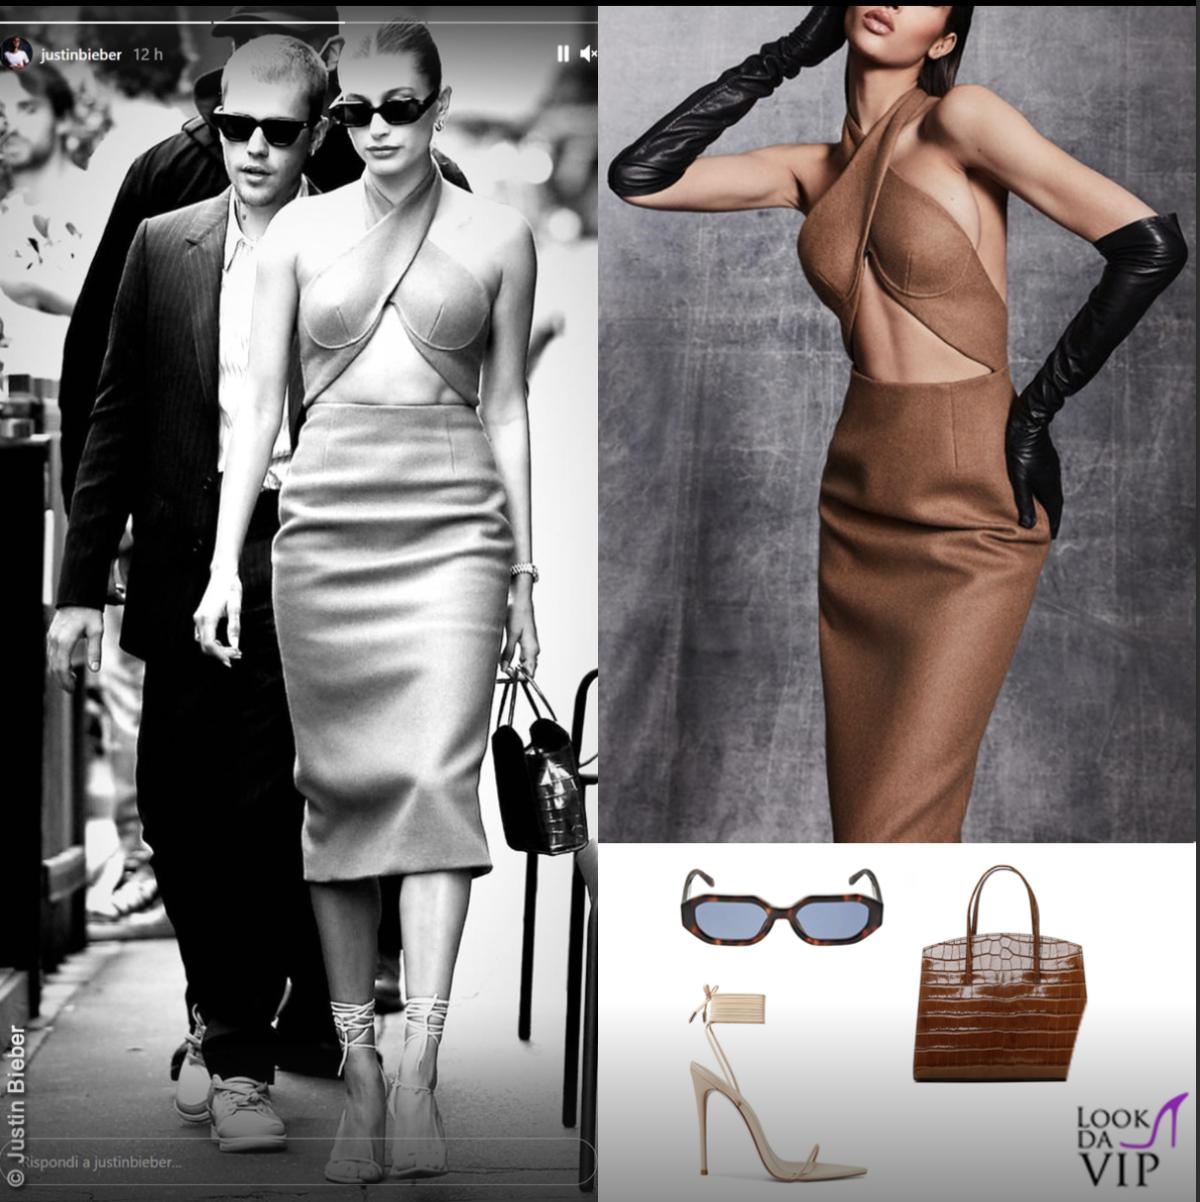 bieber dress code